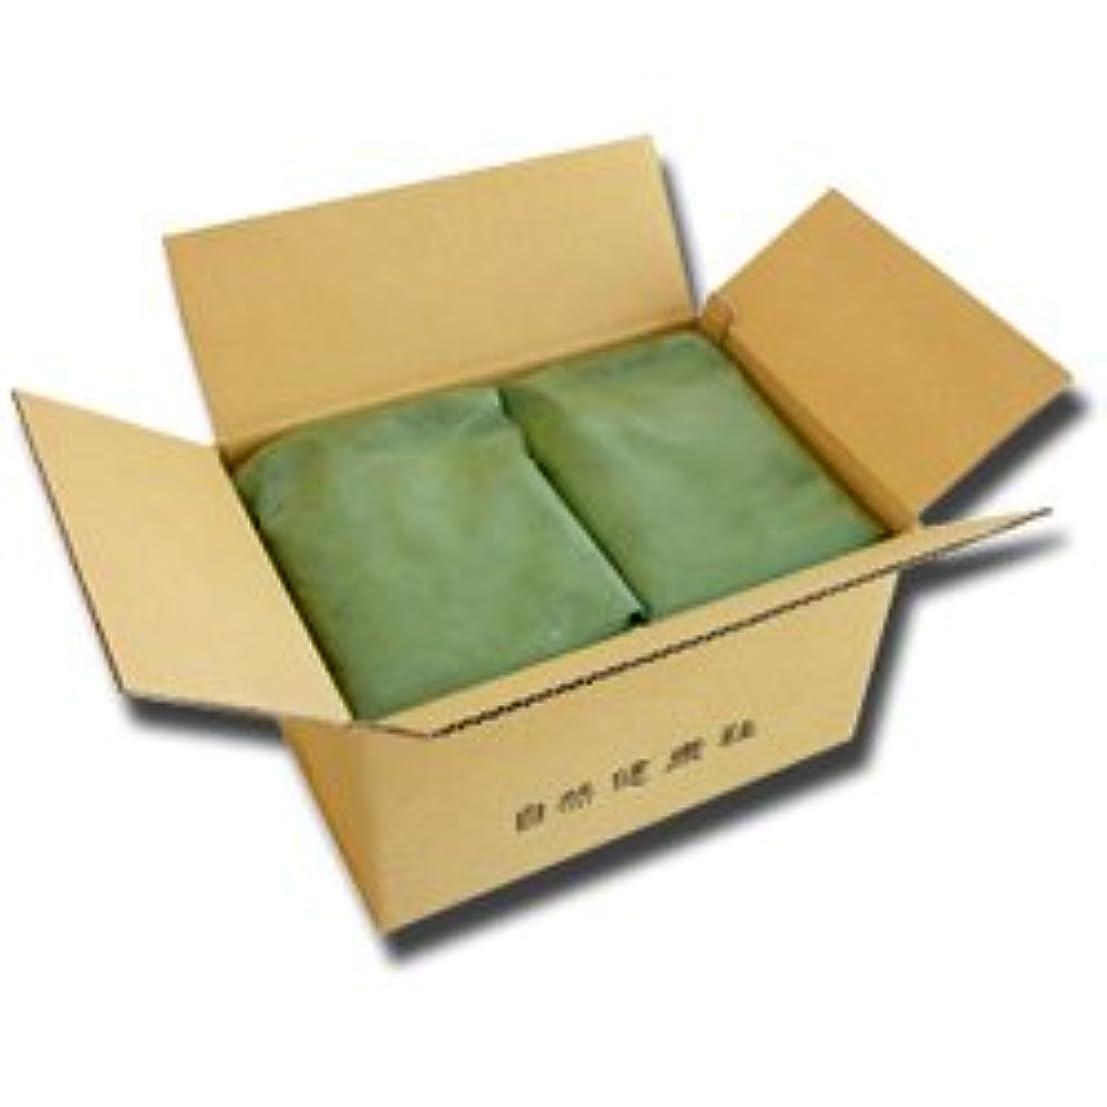 知覚するペインギリック有効業務用 国産?カテキン抹茶(カテキン10%以上含有) 5kg×2 卸用 粉末